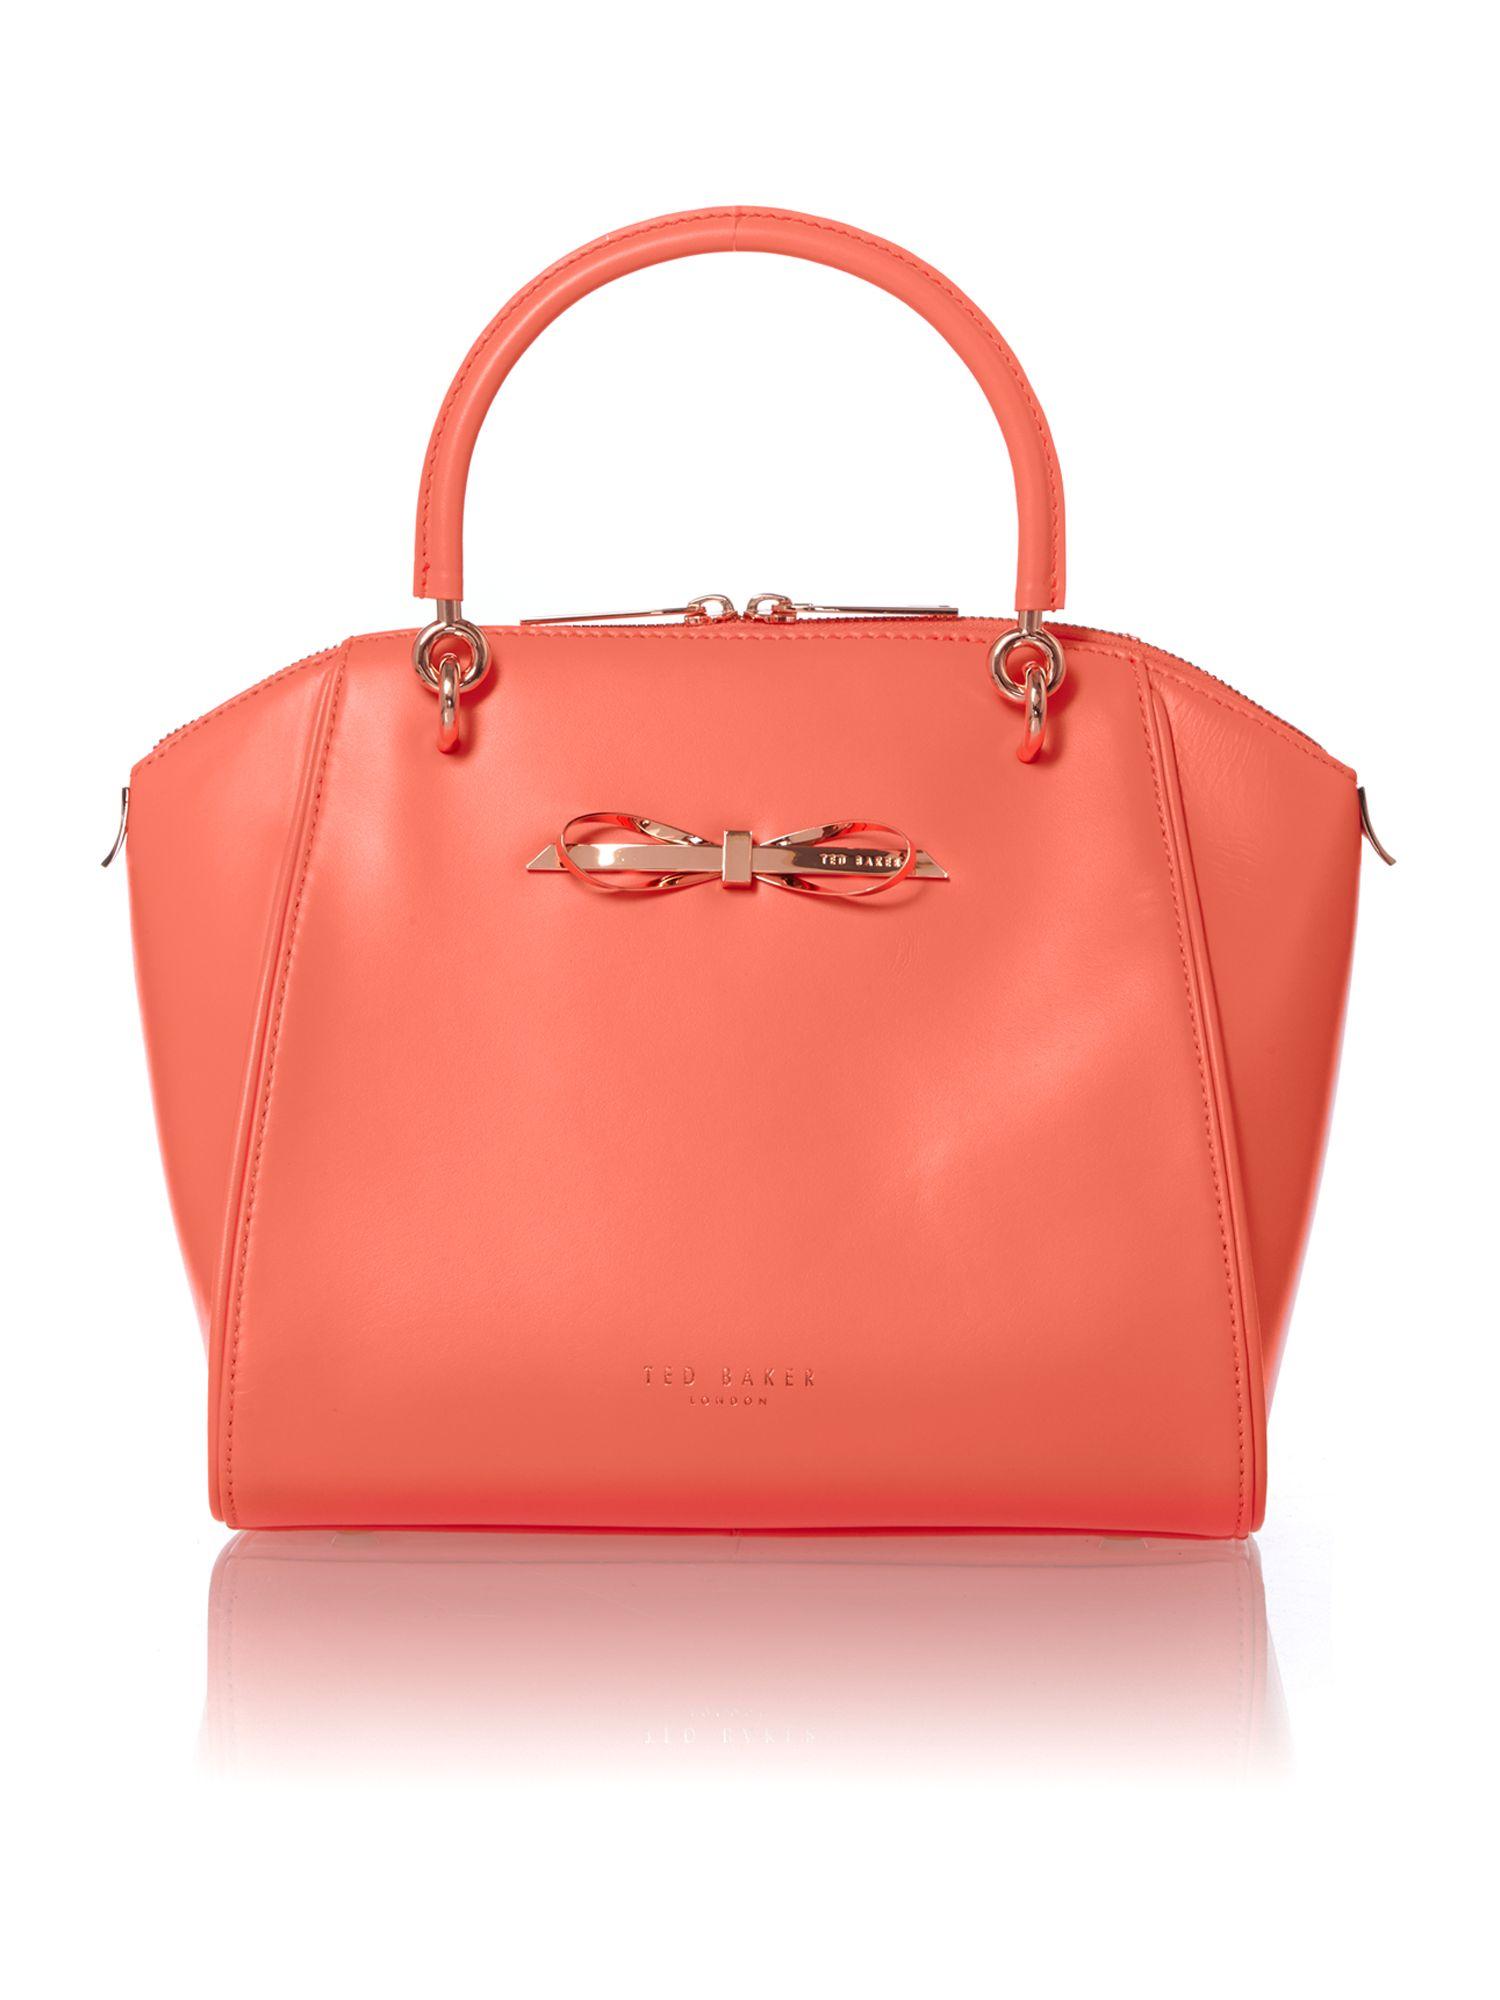 ted baker orange leather document bag